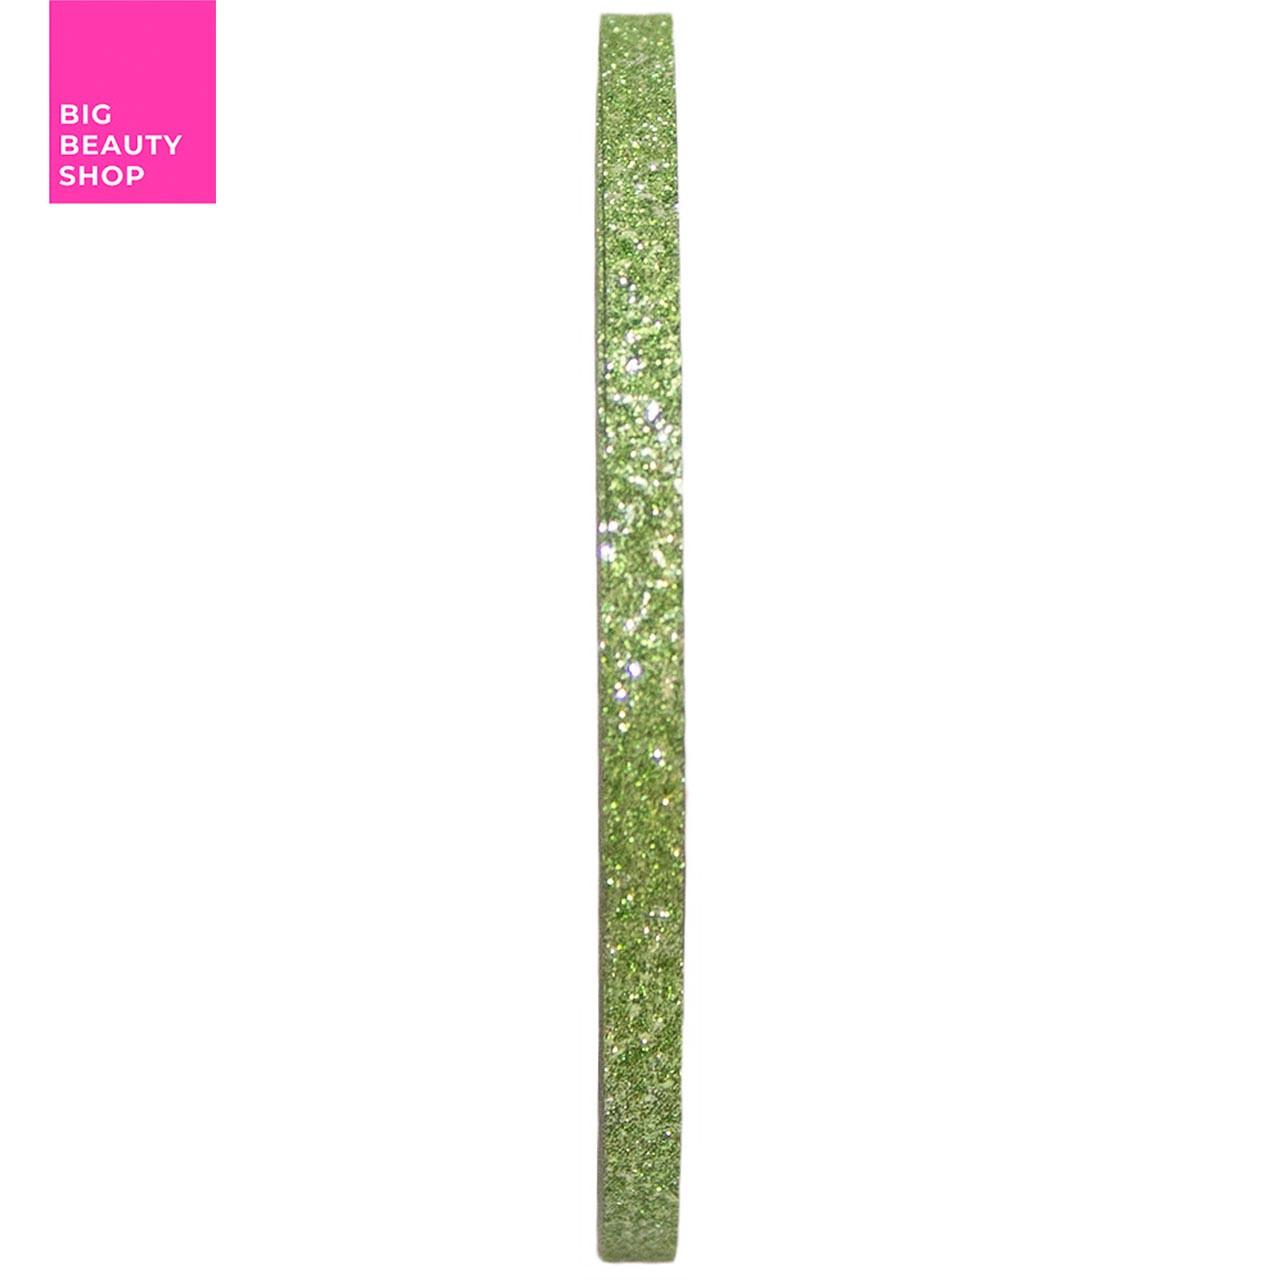 Голографическая полоска для ногтей 3 мм (зеленая с блестками) А429